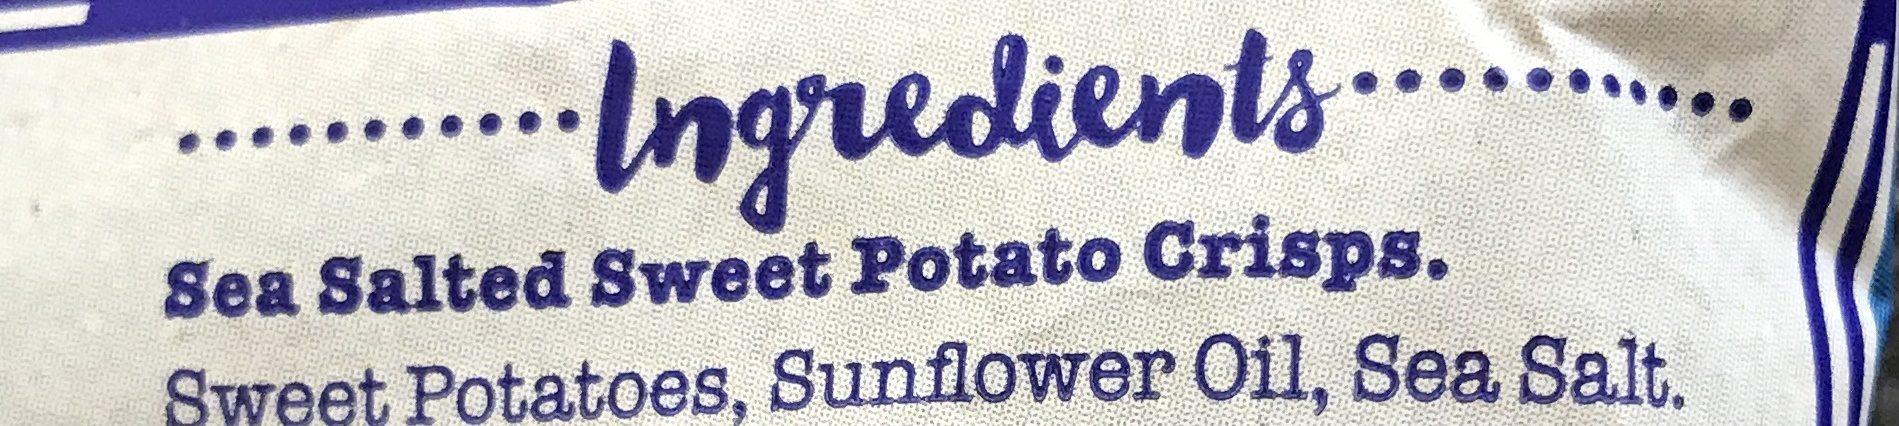 Sweet Potato Crisps Lightly Sea Salted - Ingrédients - fr